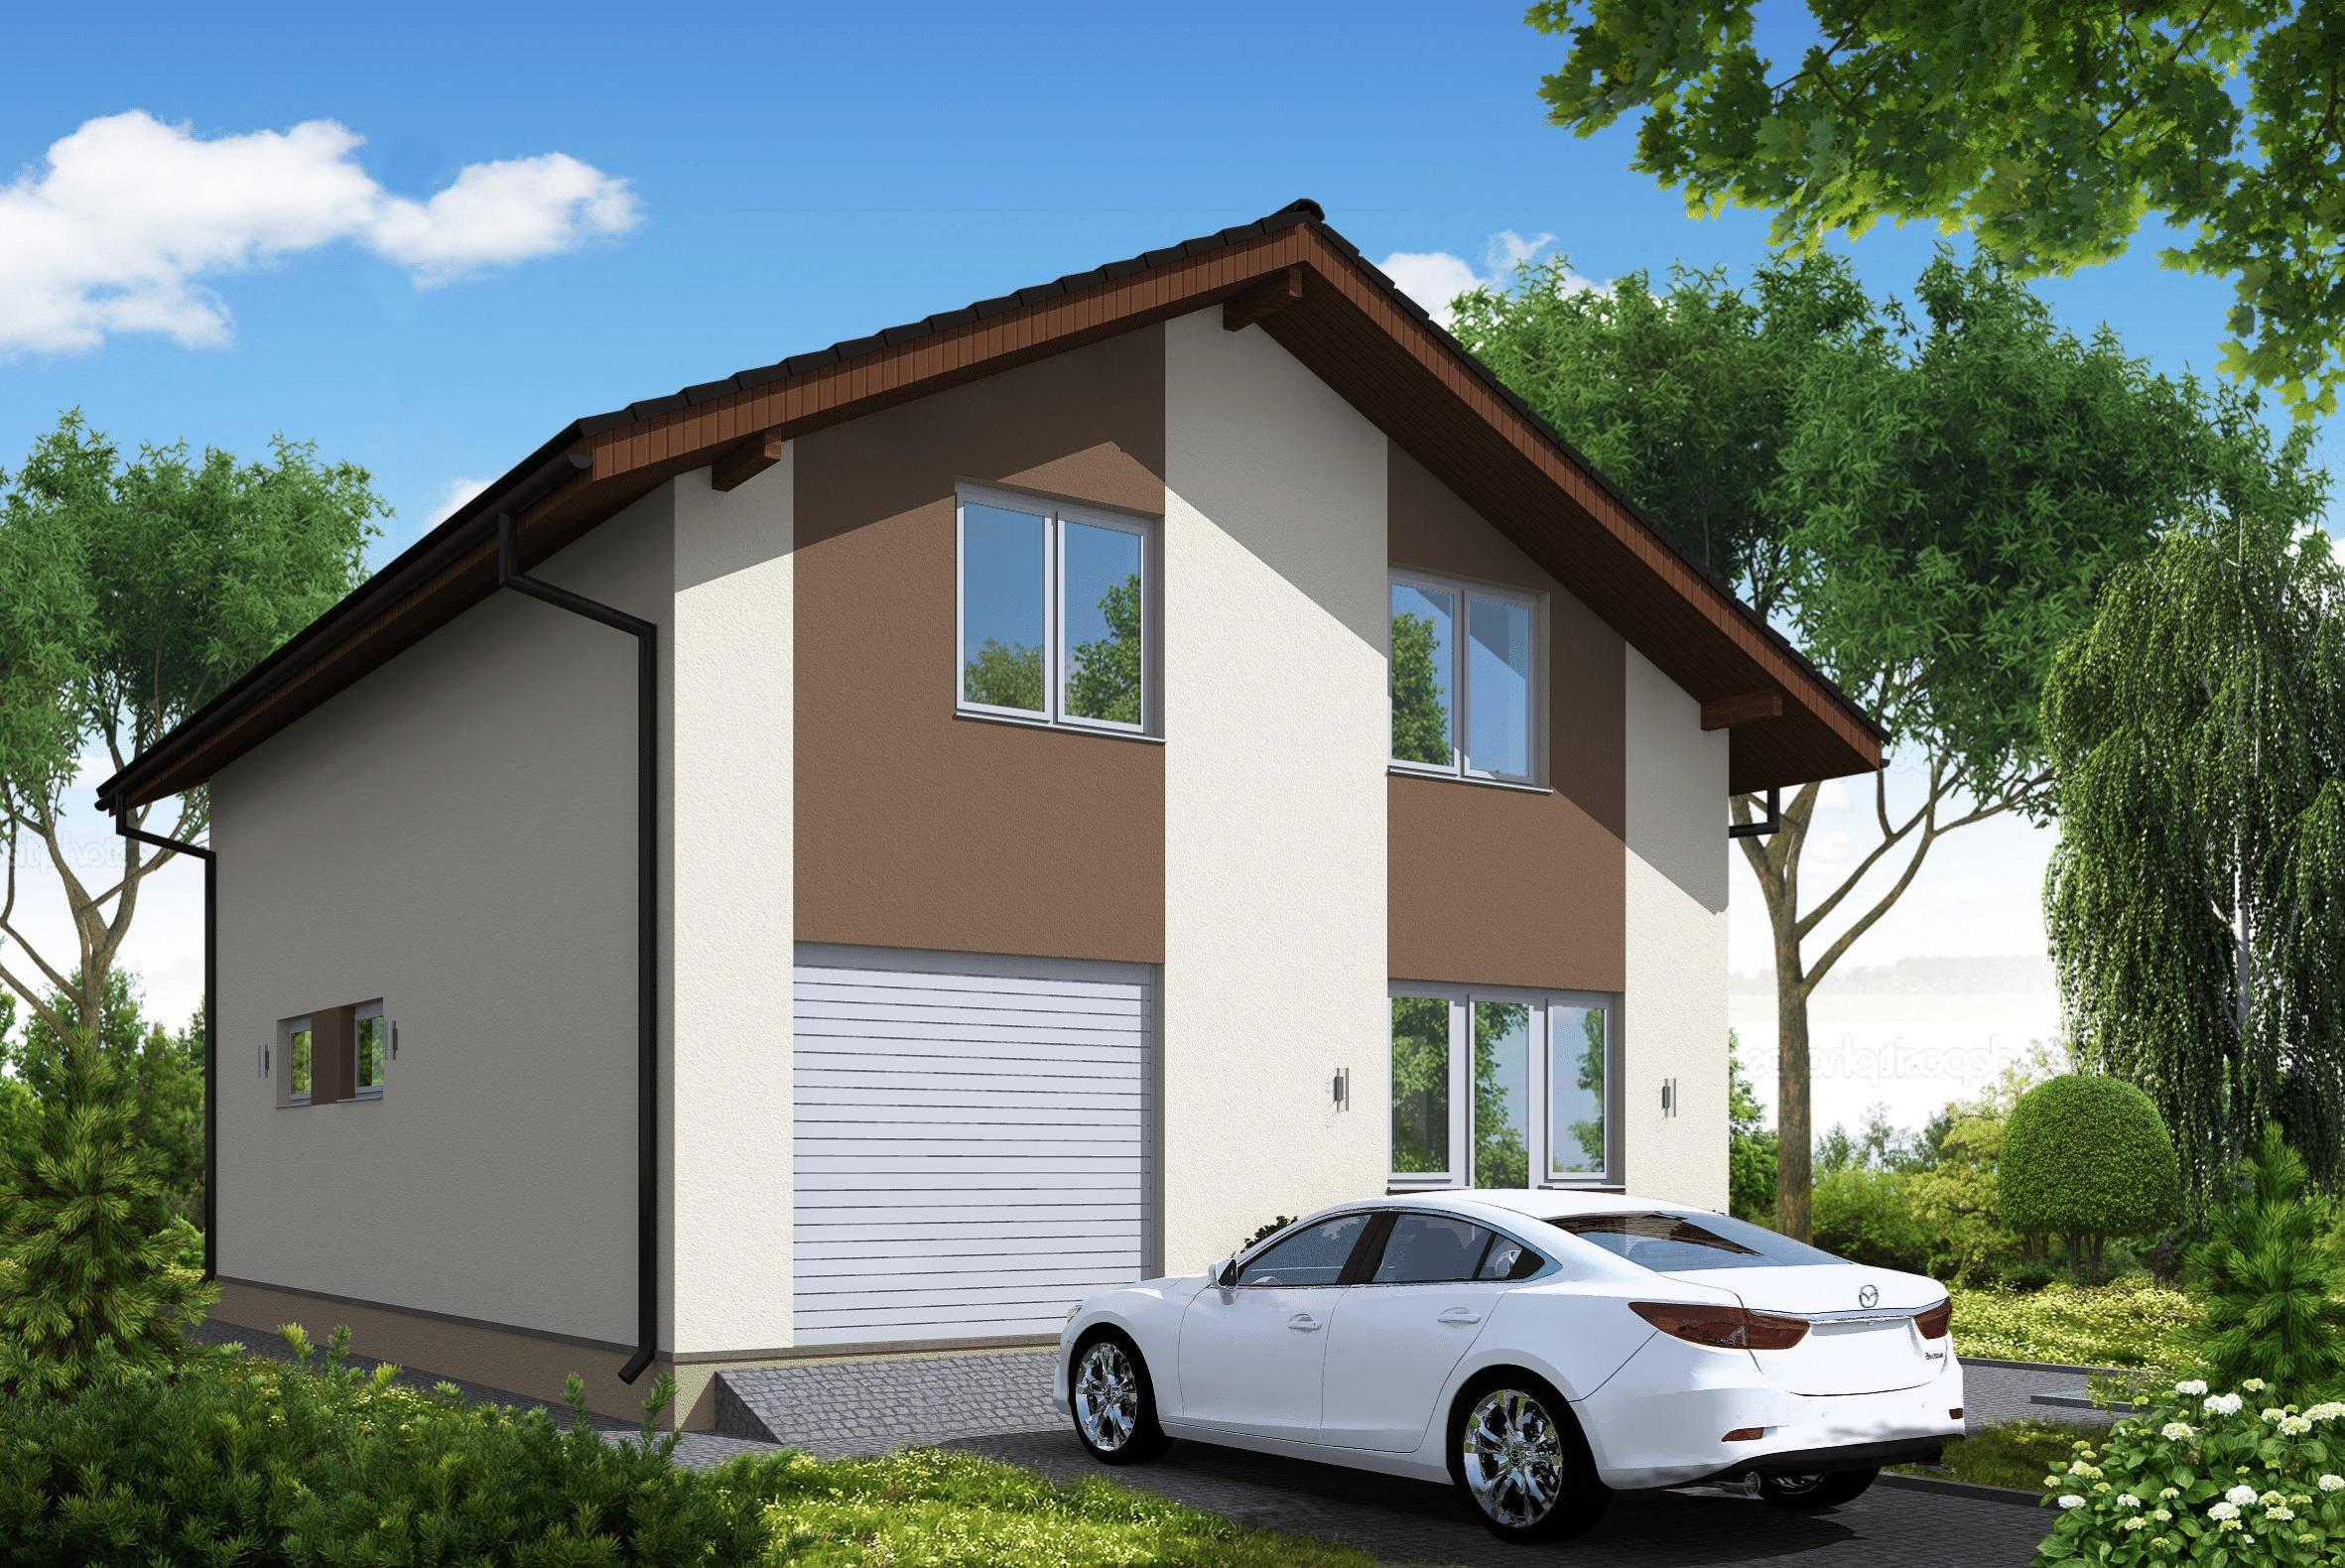 Проект дома «Северина», фото 2